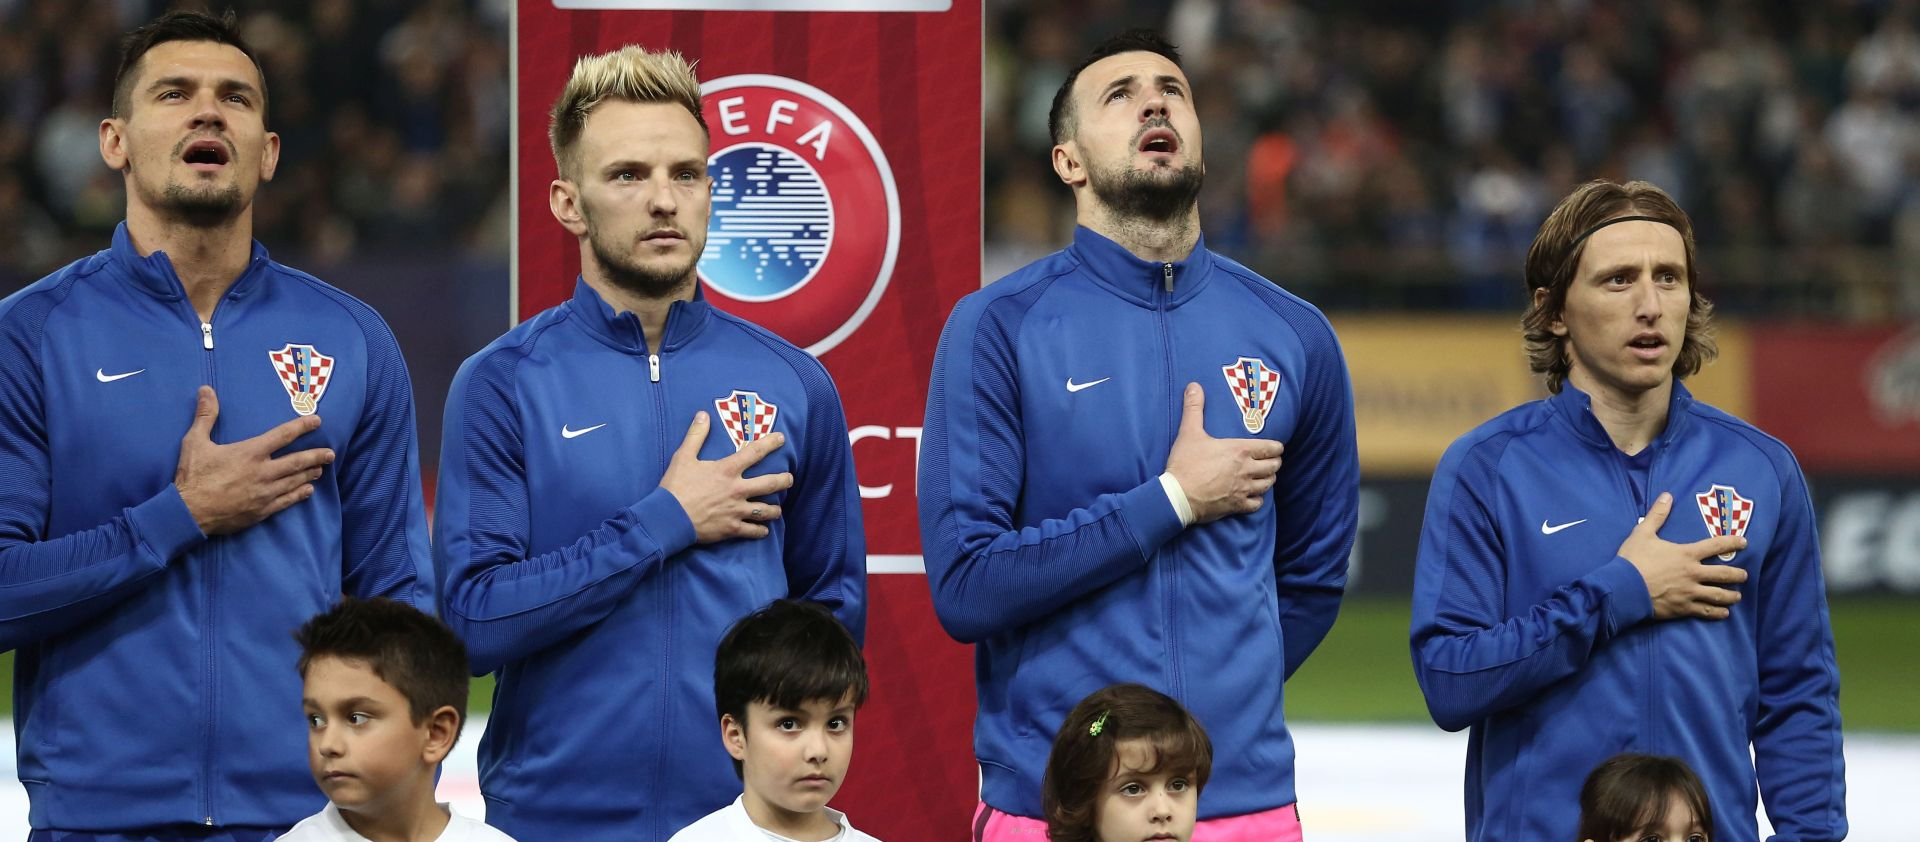 PRIJETELJSKI SUSRET Hrvatska protiv Brazila u Engleskoj?